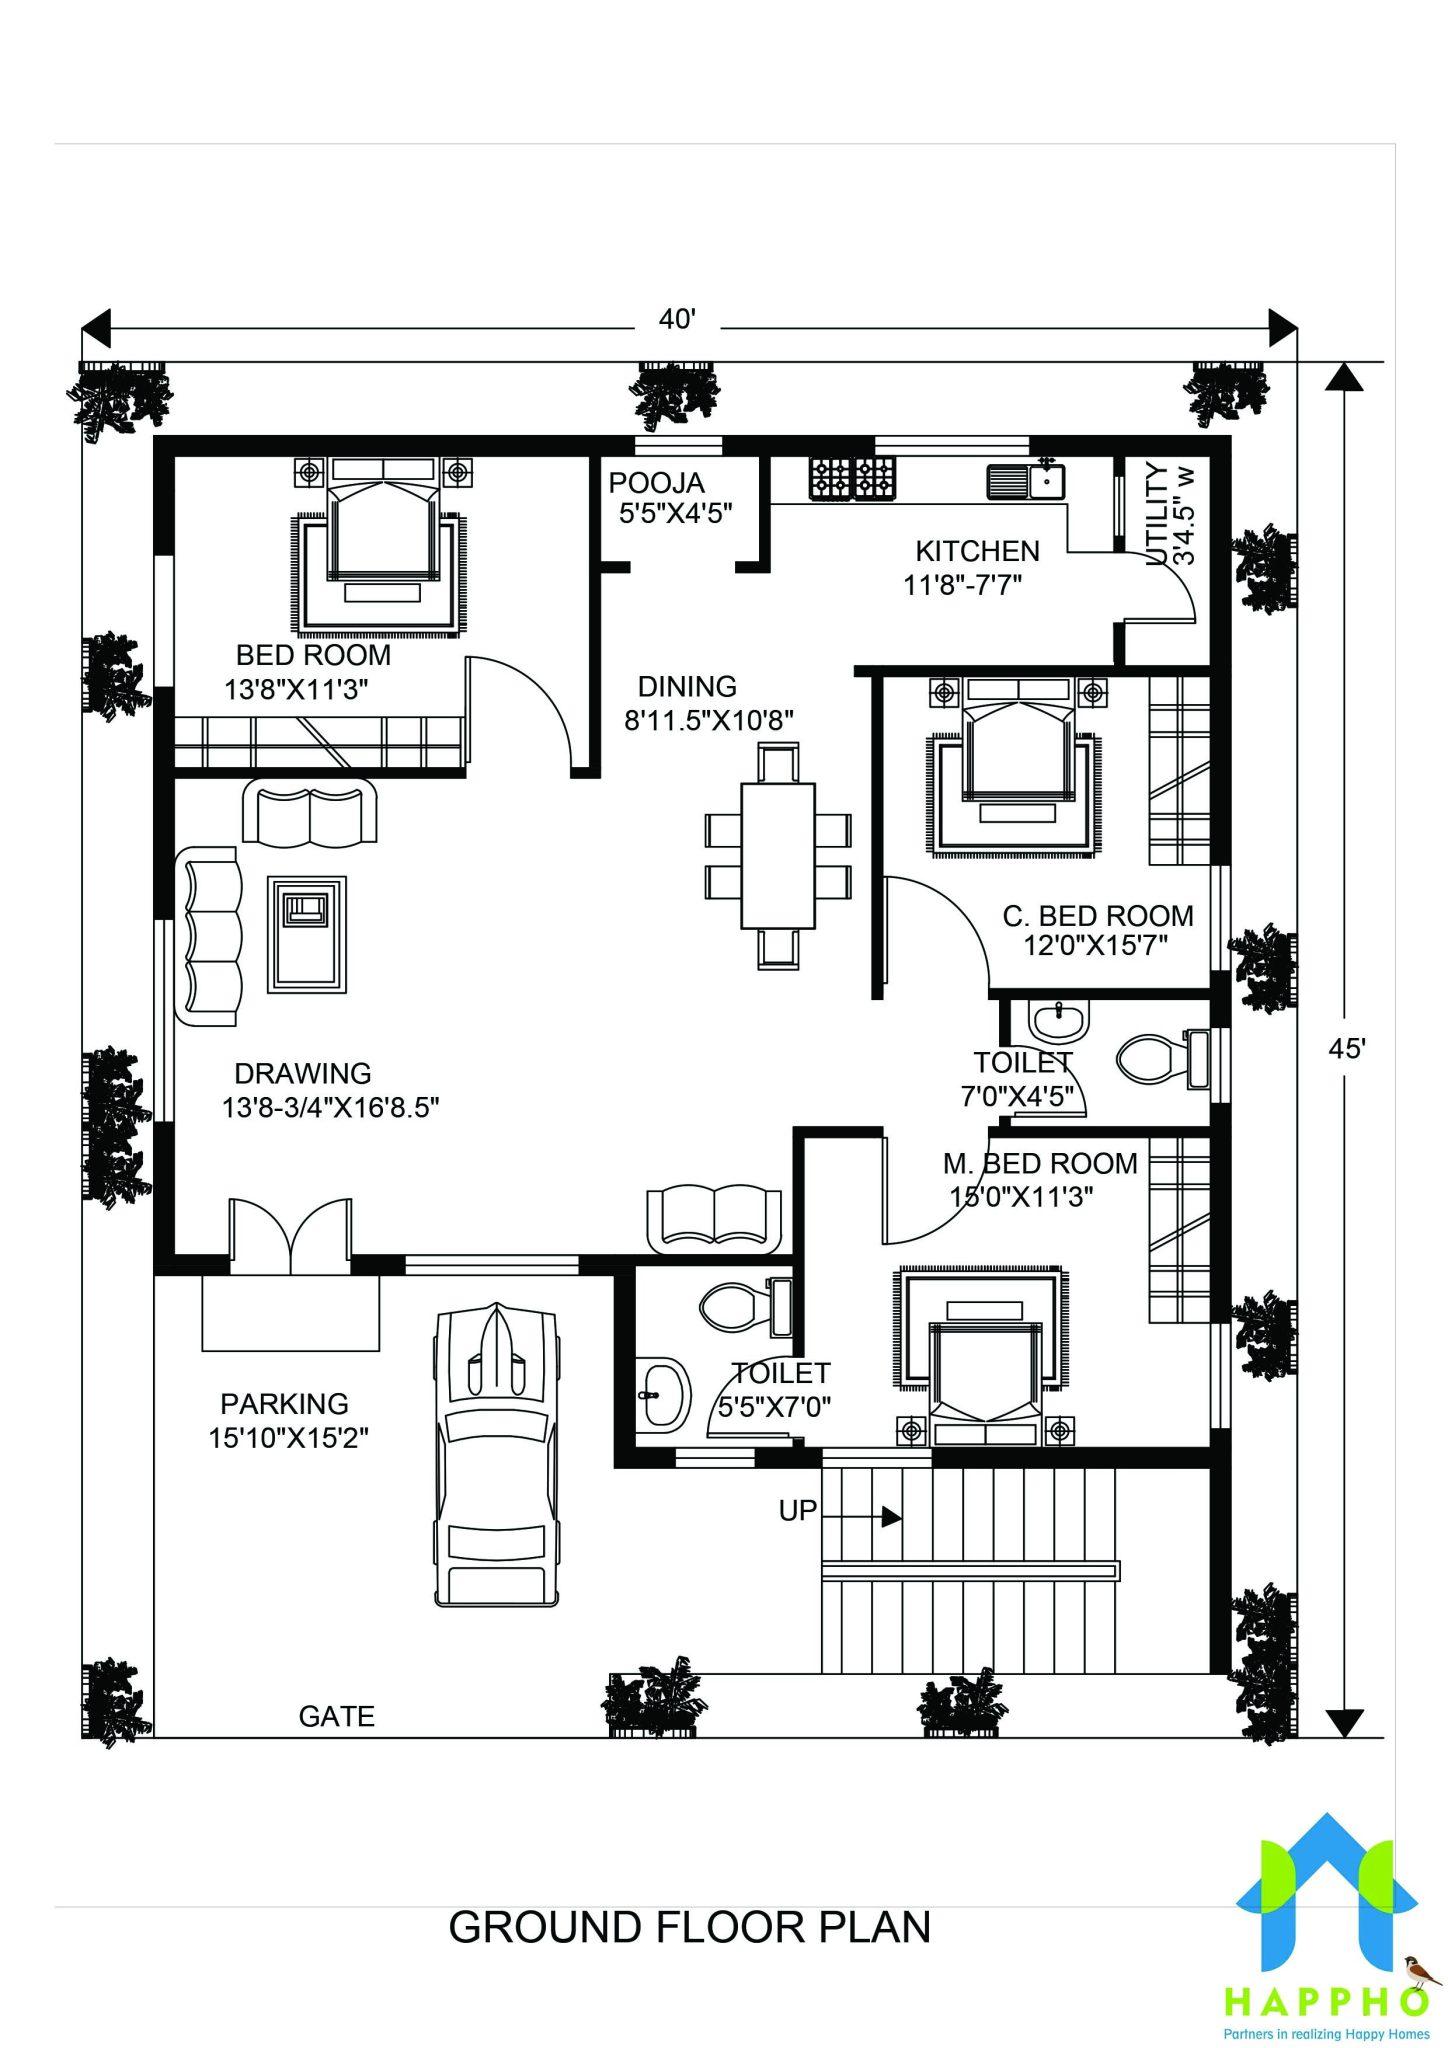 Floor Plan For 40 X 45 Feet Plot